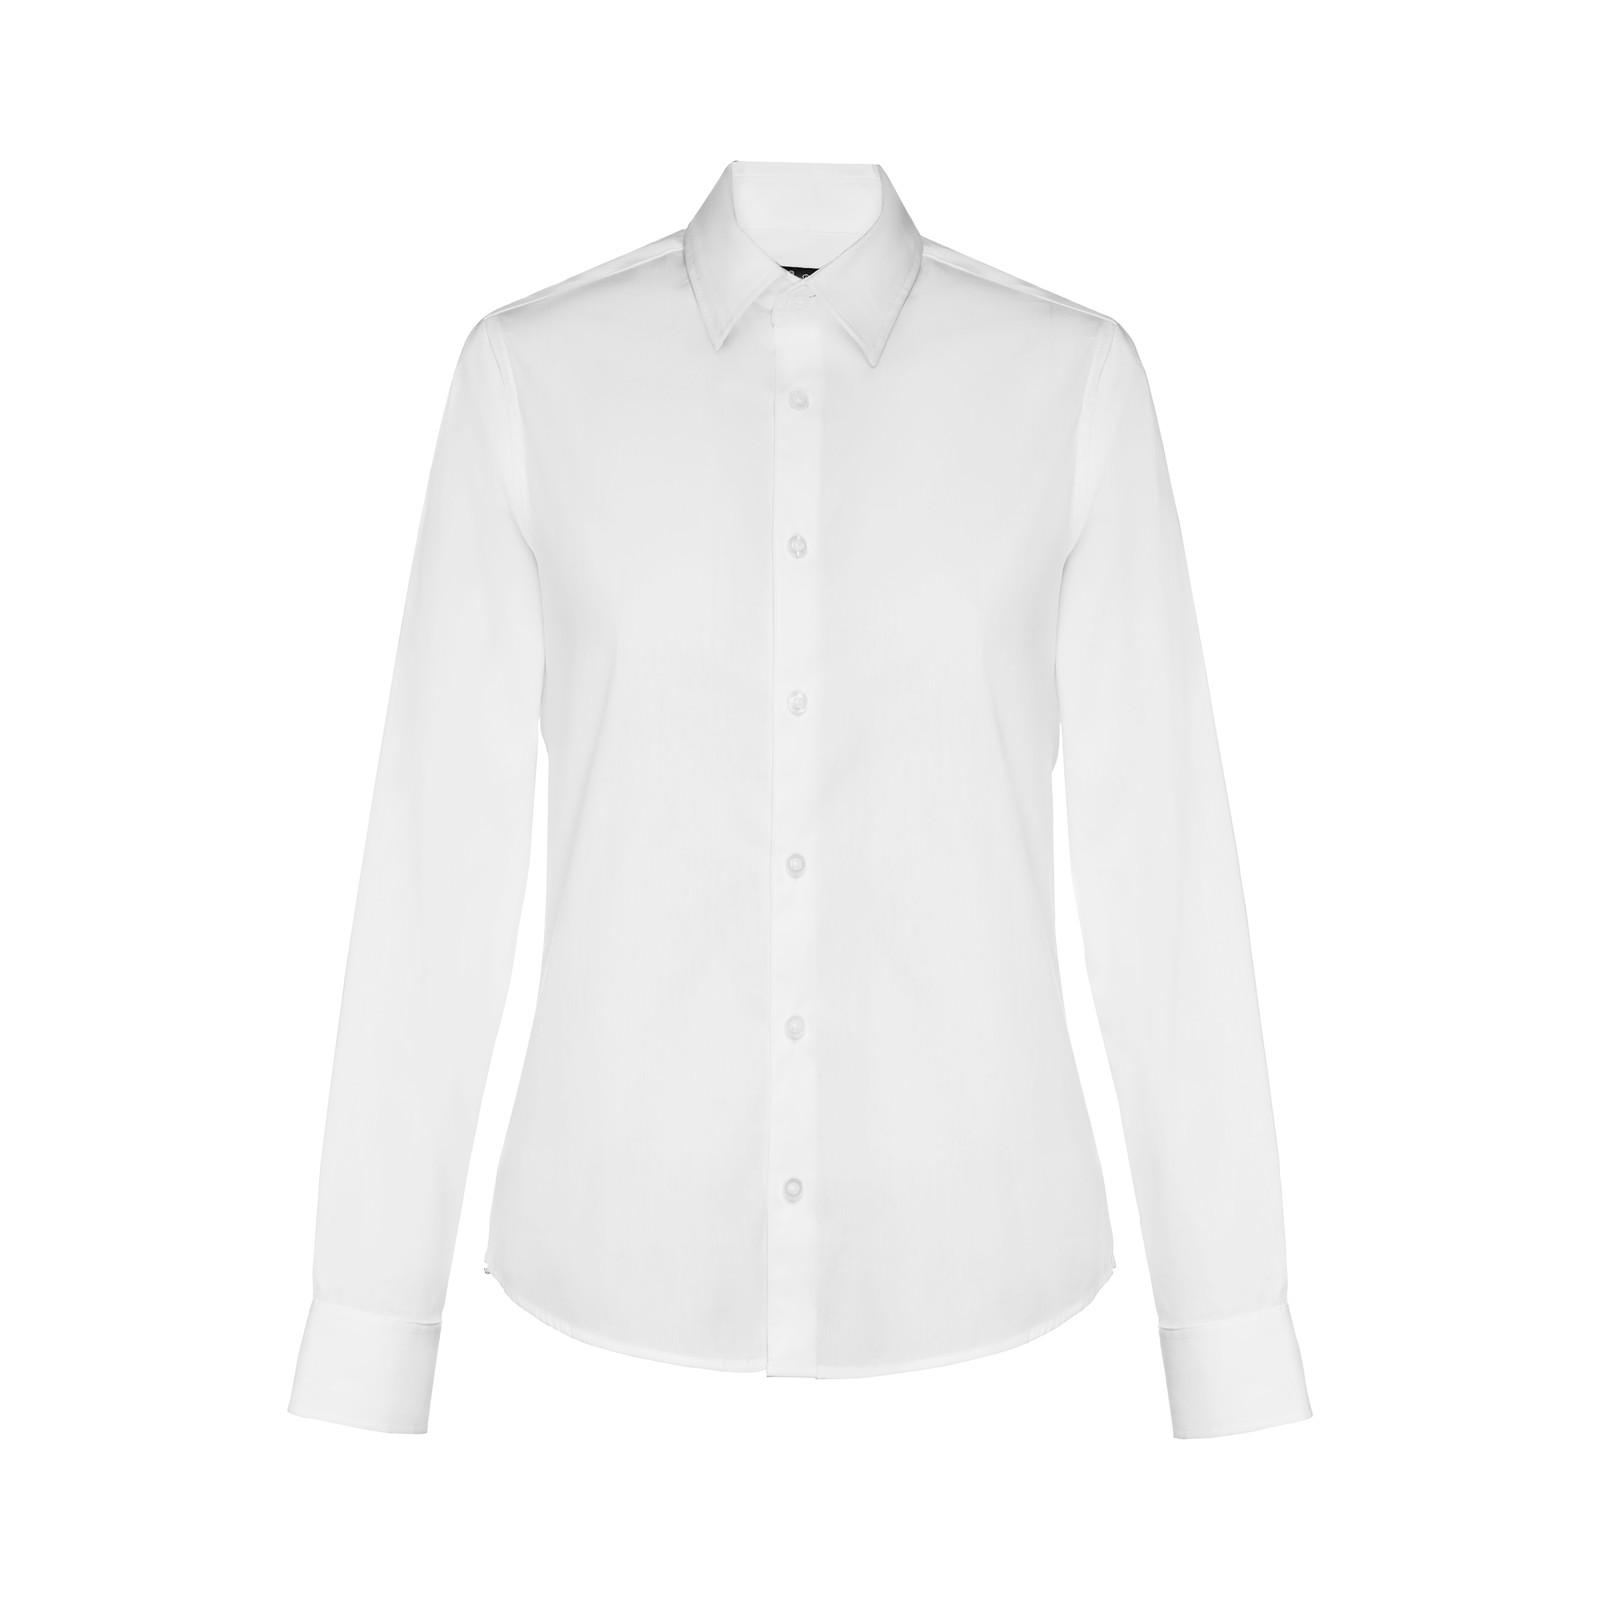 THC PARIS WOMEN WH. Dámská popelínová košile - Bílá / S